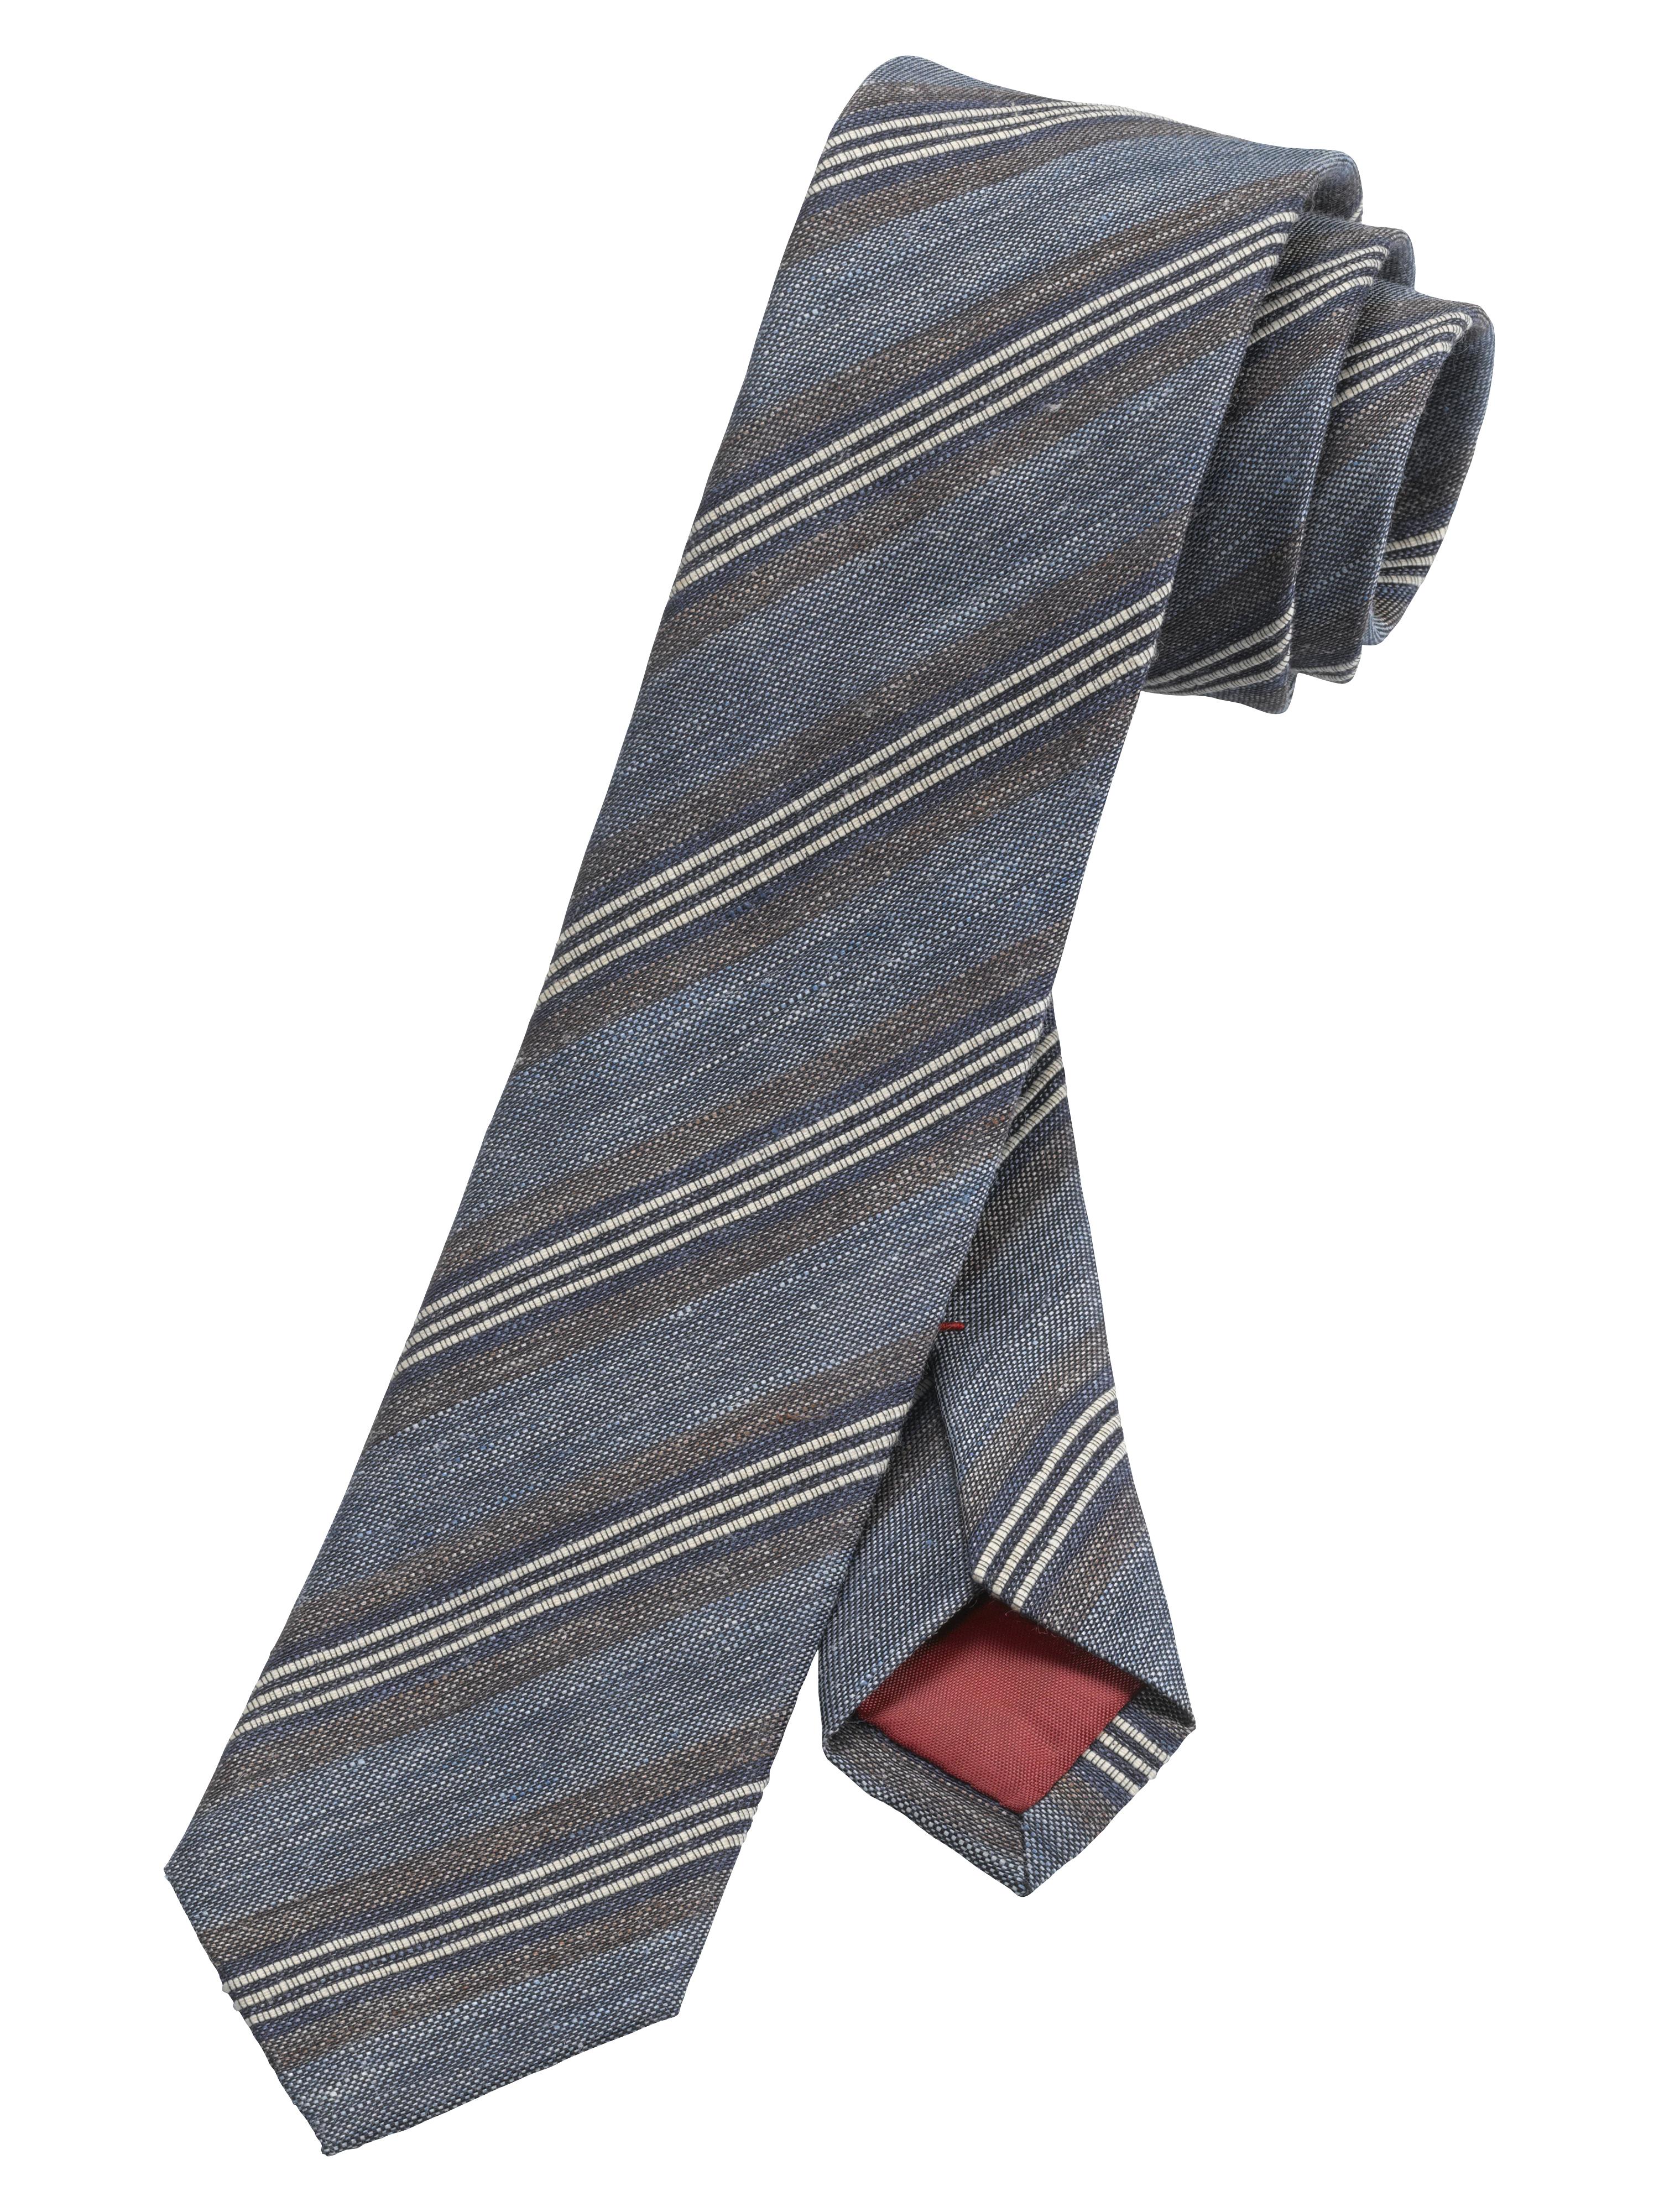 OLYMP Krawatte, Marine, | Accessoires > Krawatten | Marine | 50% leinen/ 40% seide/ 10% baumwolle | OLYMP Krawatte